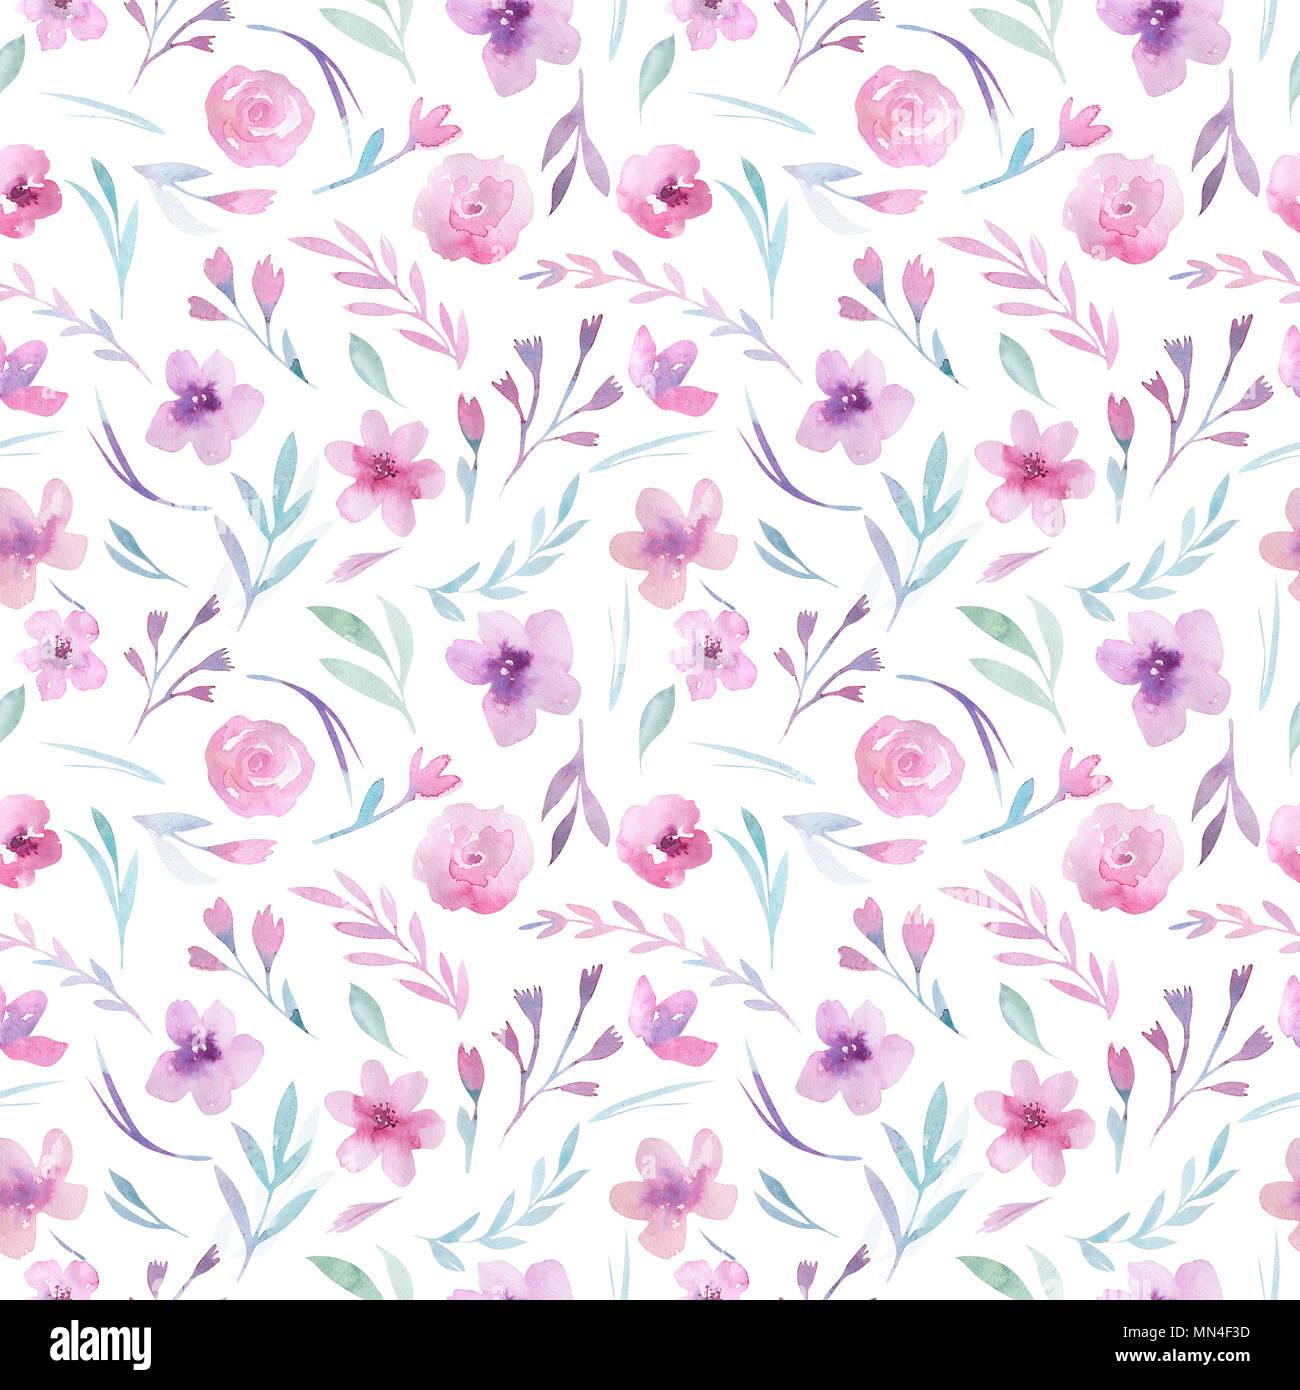 Aquarell floralen Muster. Nahtlose Muster mit lila, gold und rosa Blumenstrauß auf weißem Hintergrund. Blumen, Rosen, Pfingstrosen und Blätter Stockbild